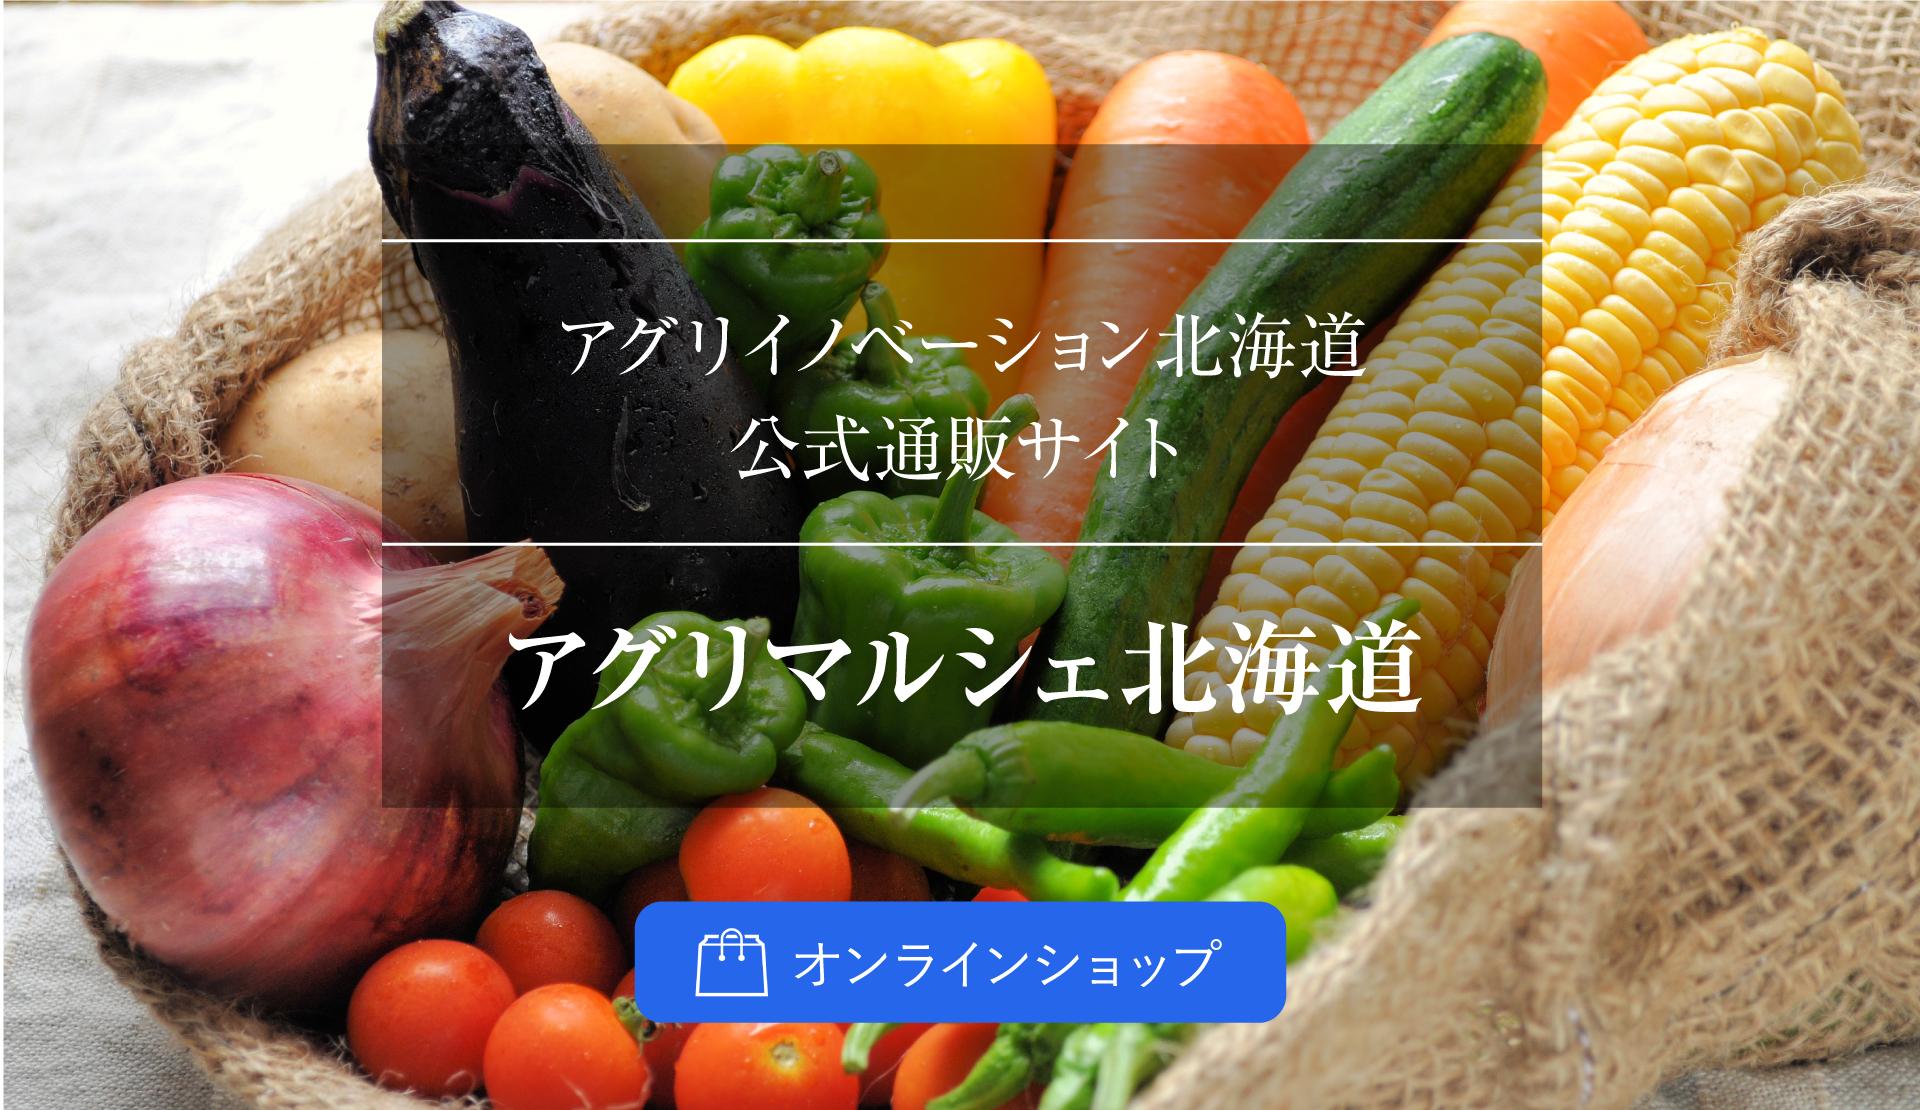 アグリイノベーション北海道公式通販サイト/アグリマルシェ北海道